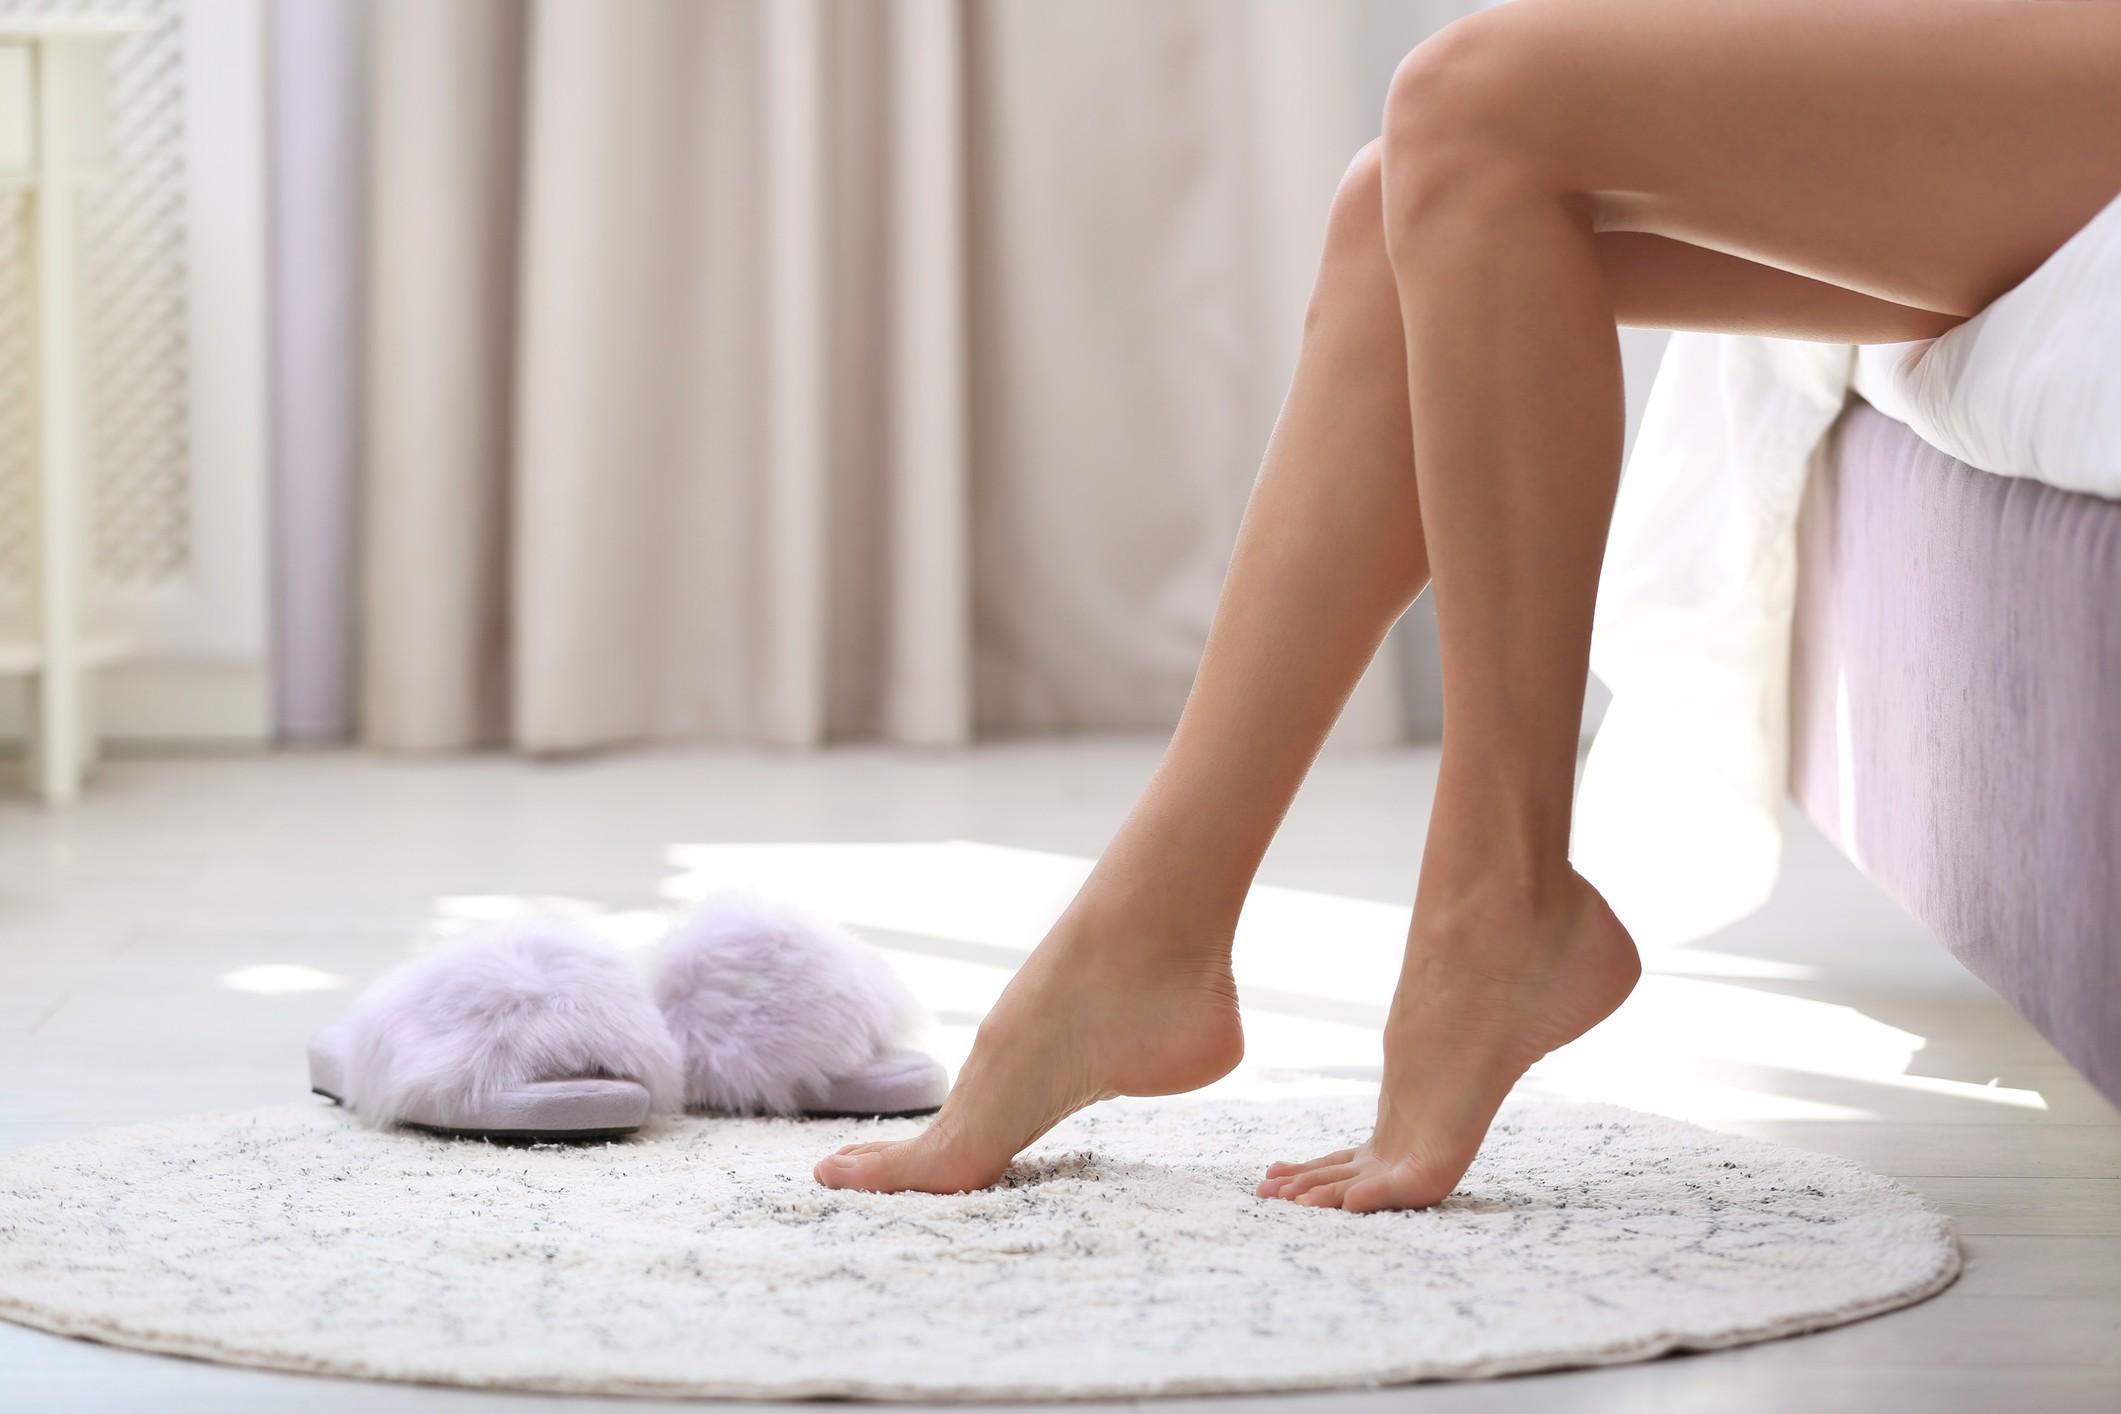 voordelen van vloerverwarming